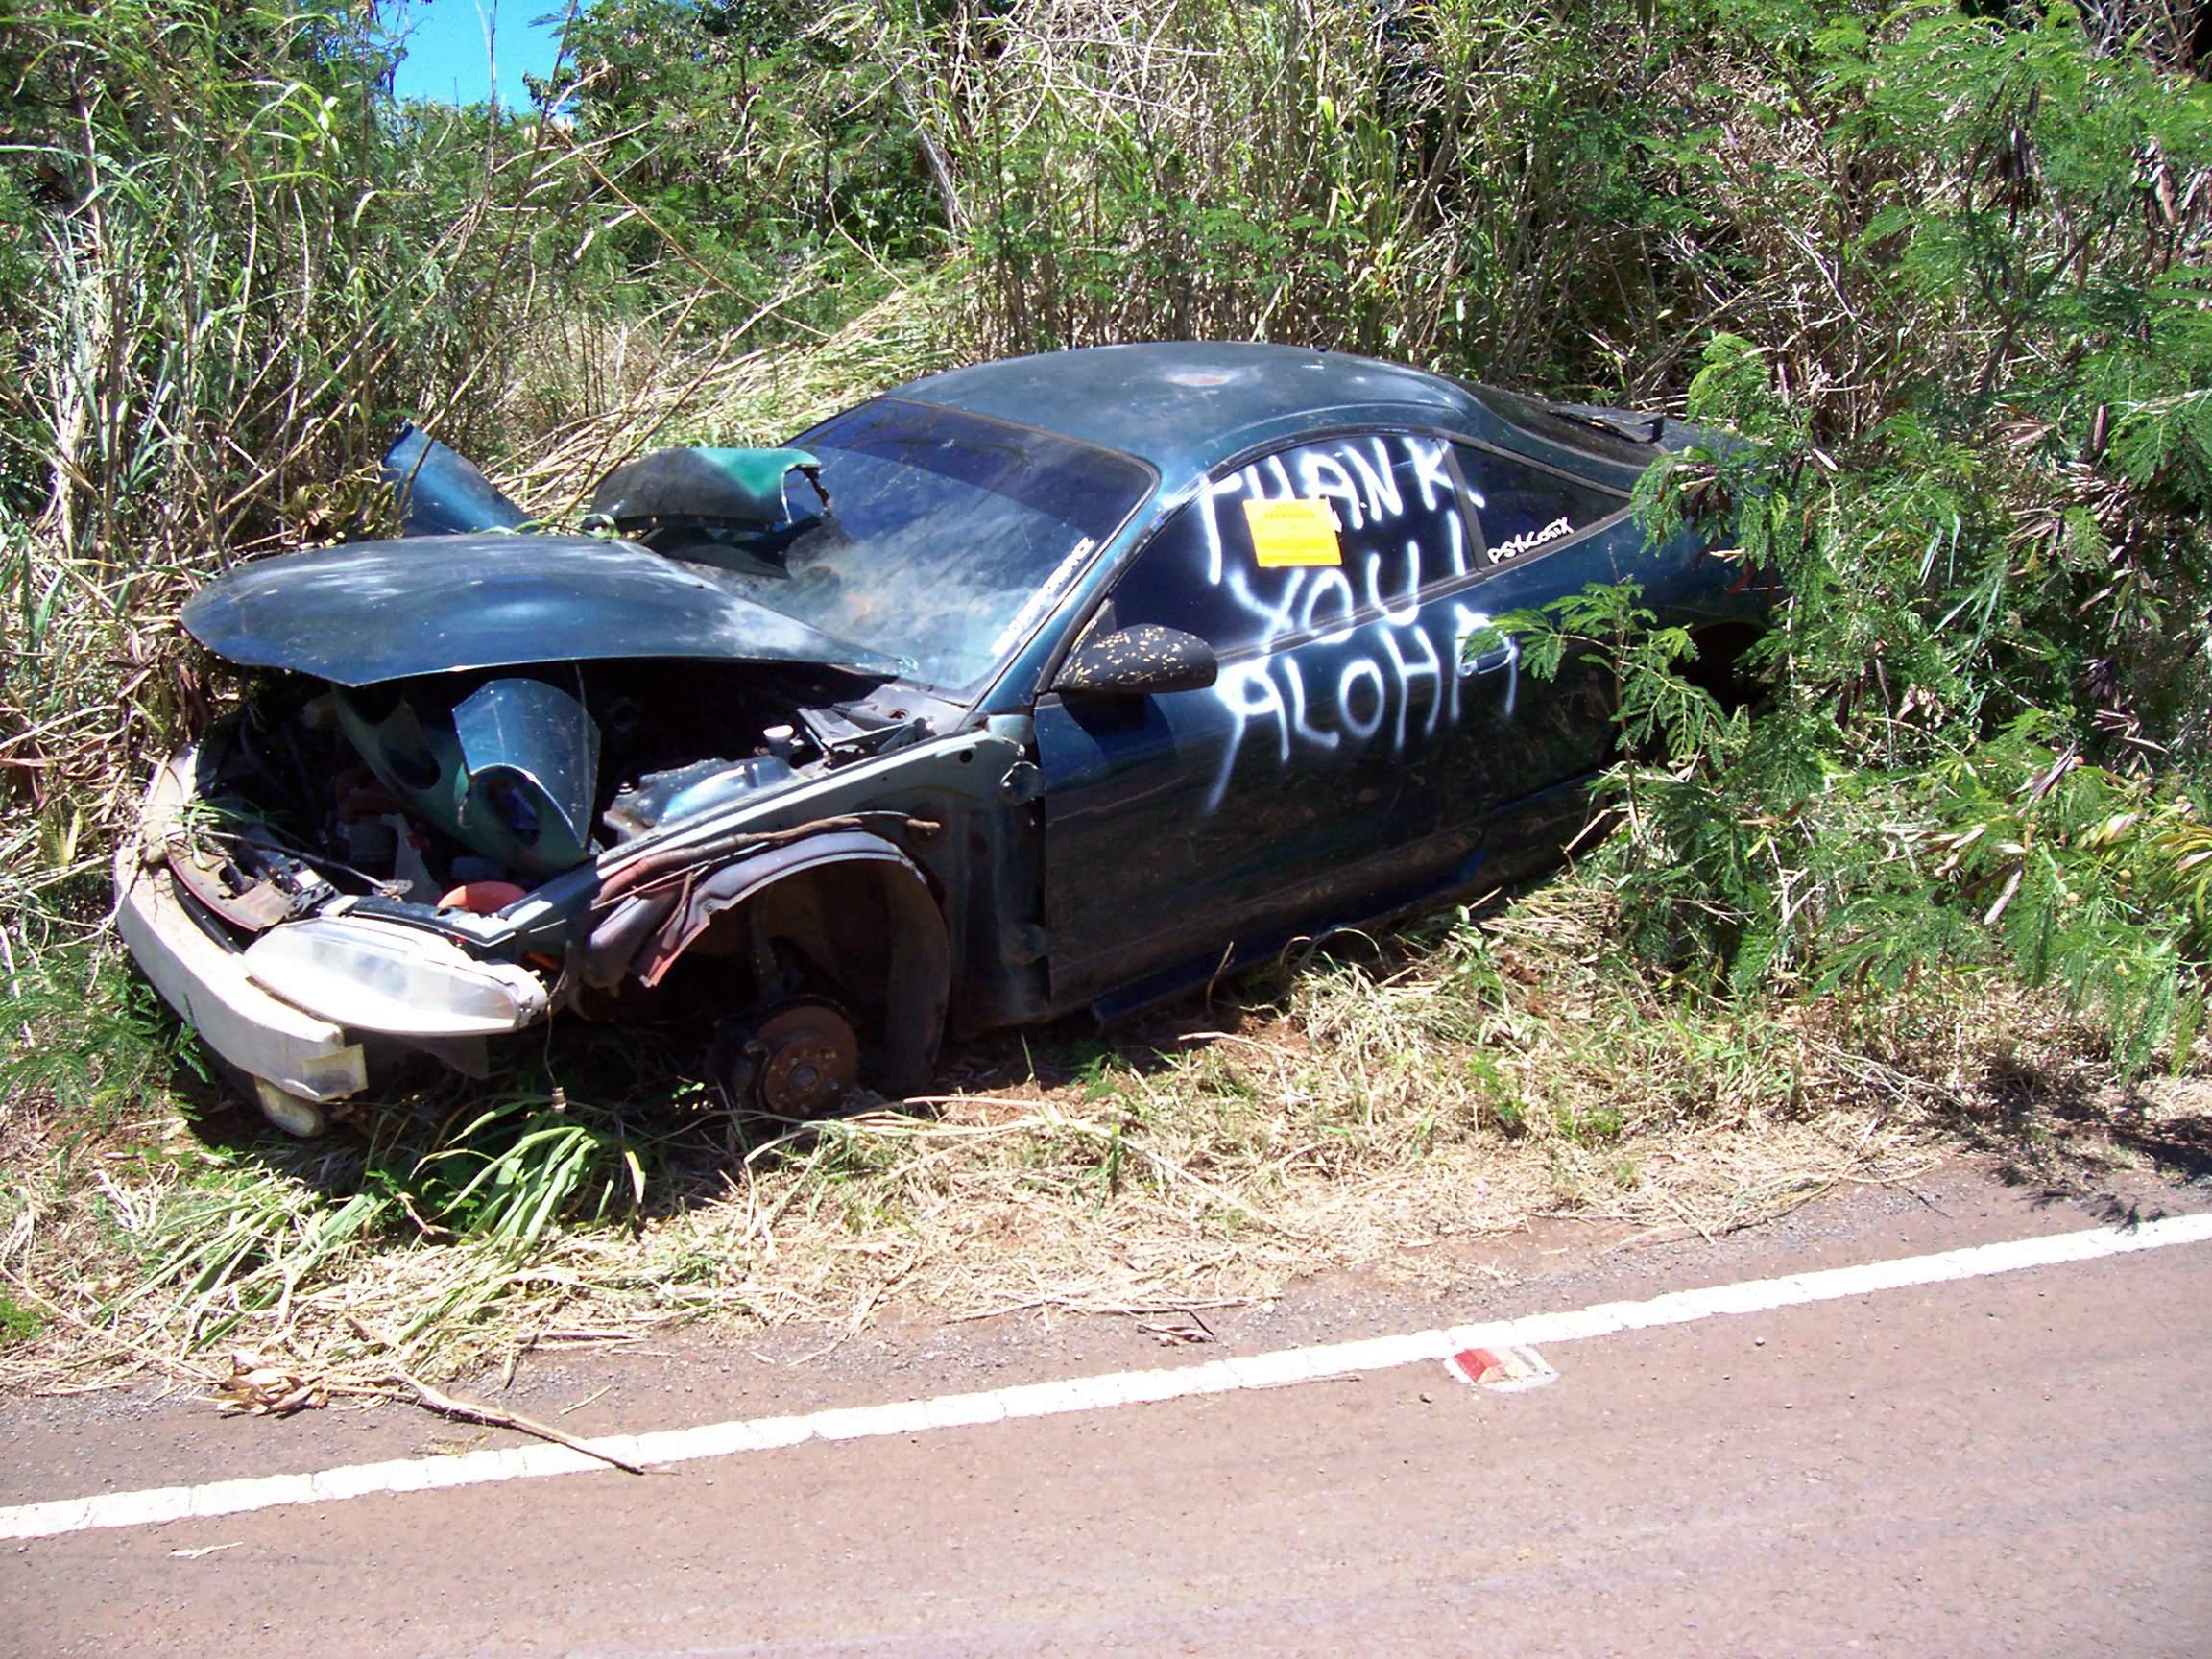 Maui Now : Maui Junk Vehicle Disposal Assistance Program Launched